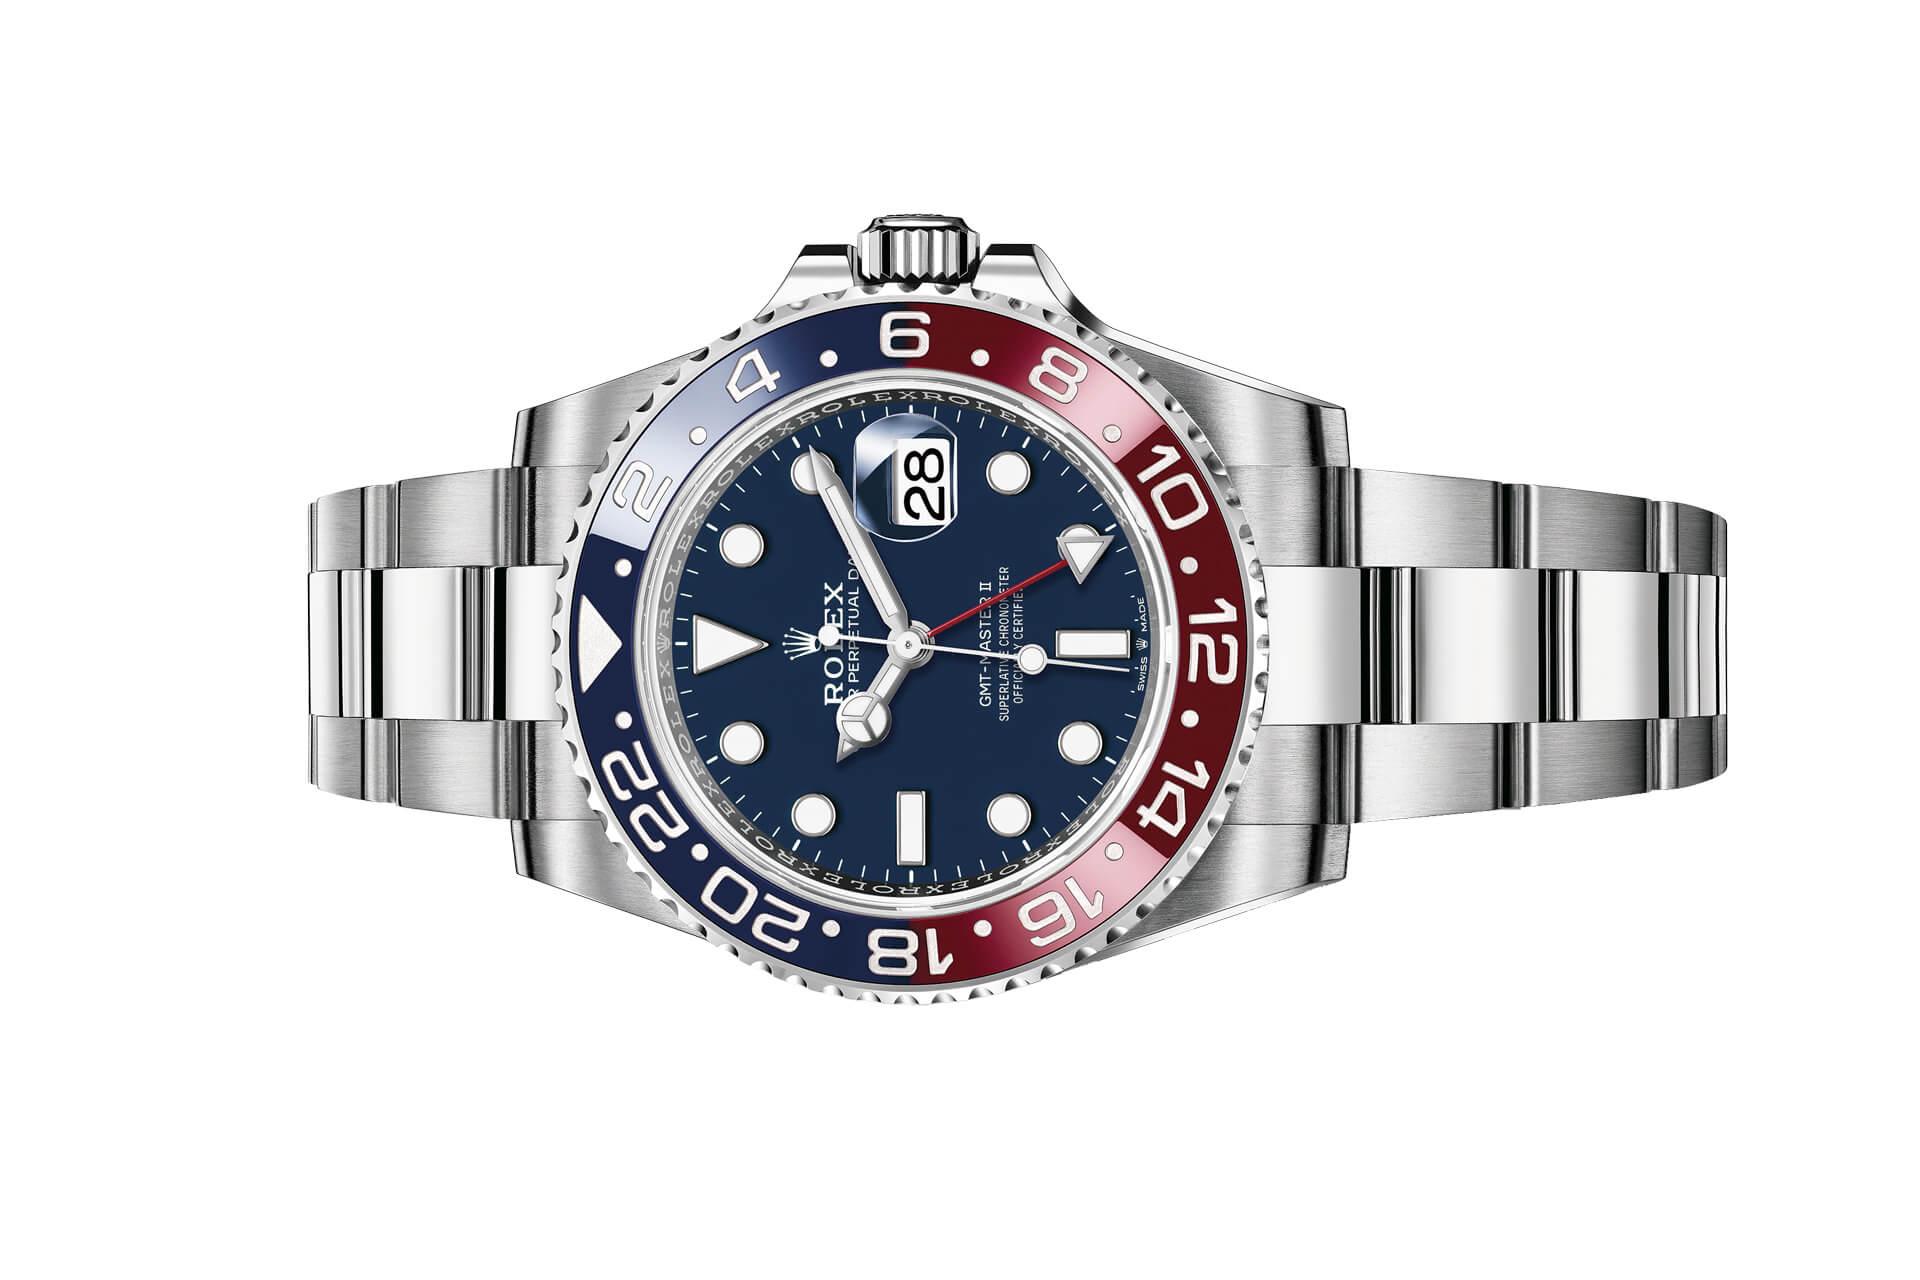 Vẻ đẹp khó cưỡng của phiên bản đồng hồ Rolex GMT-Master